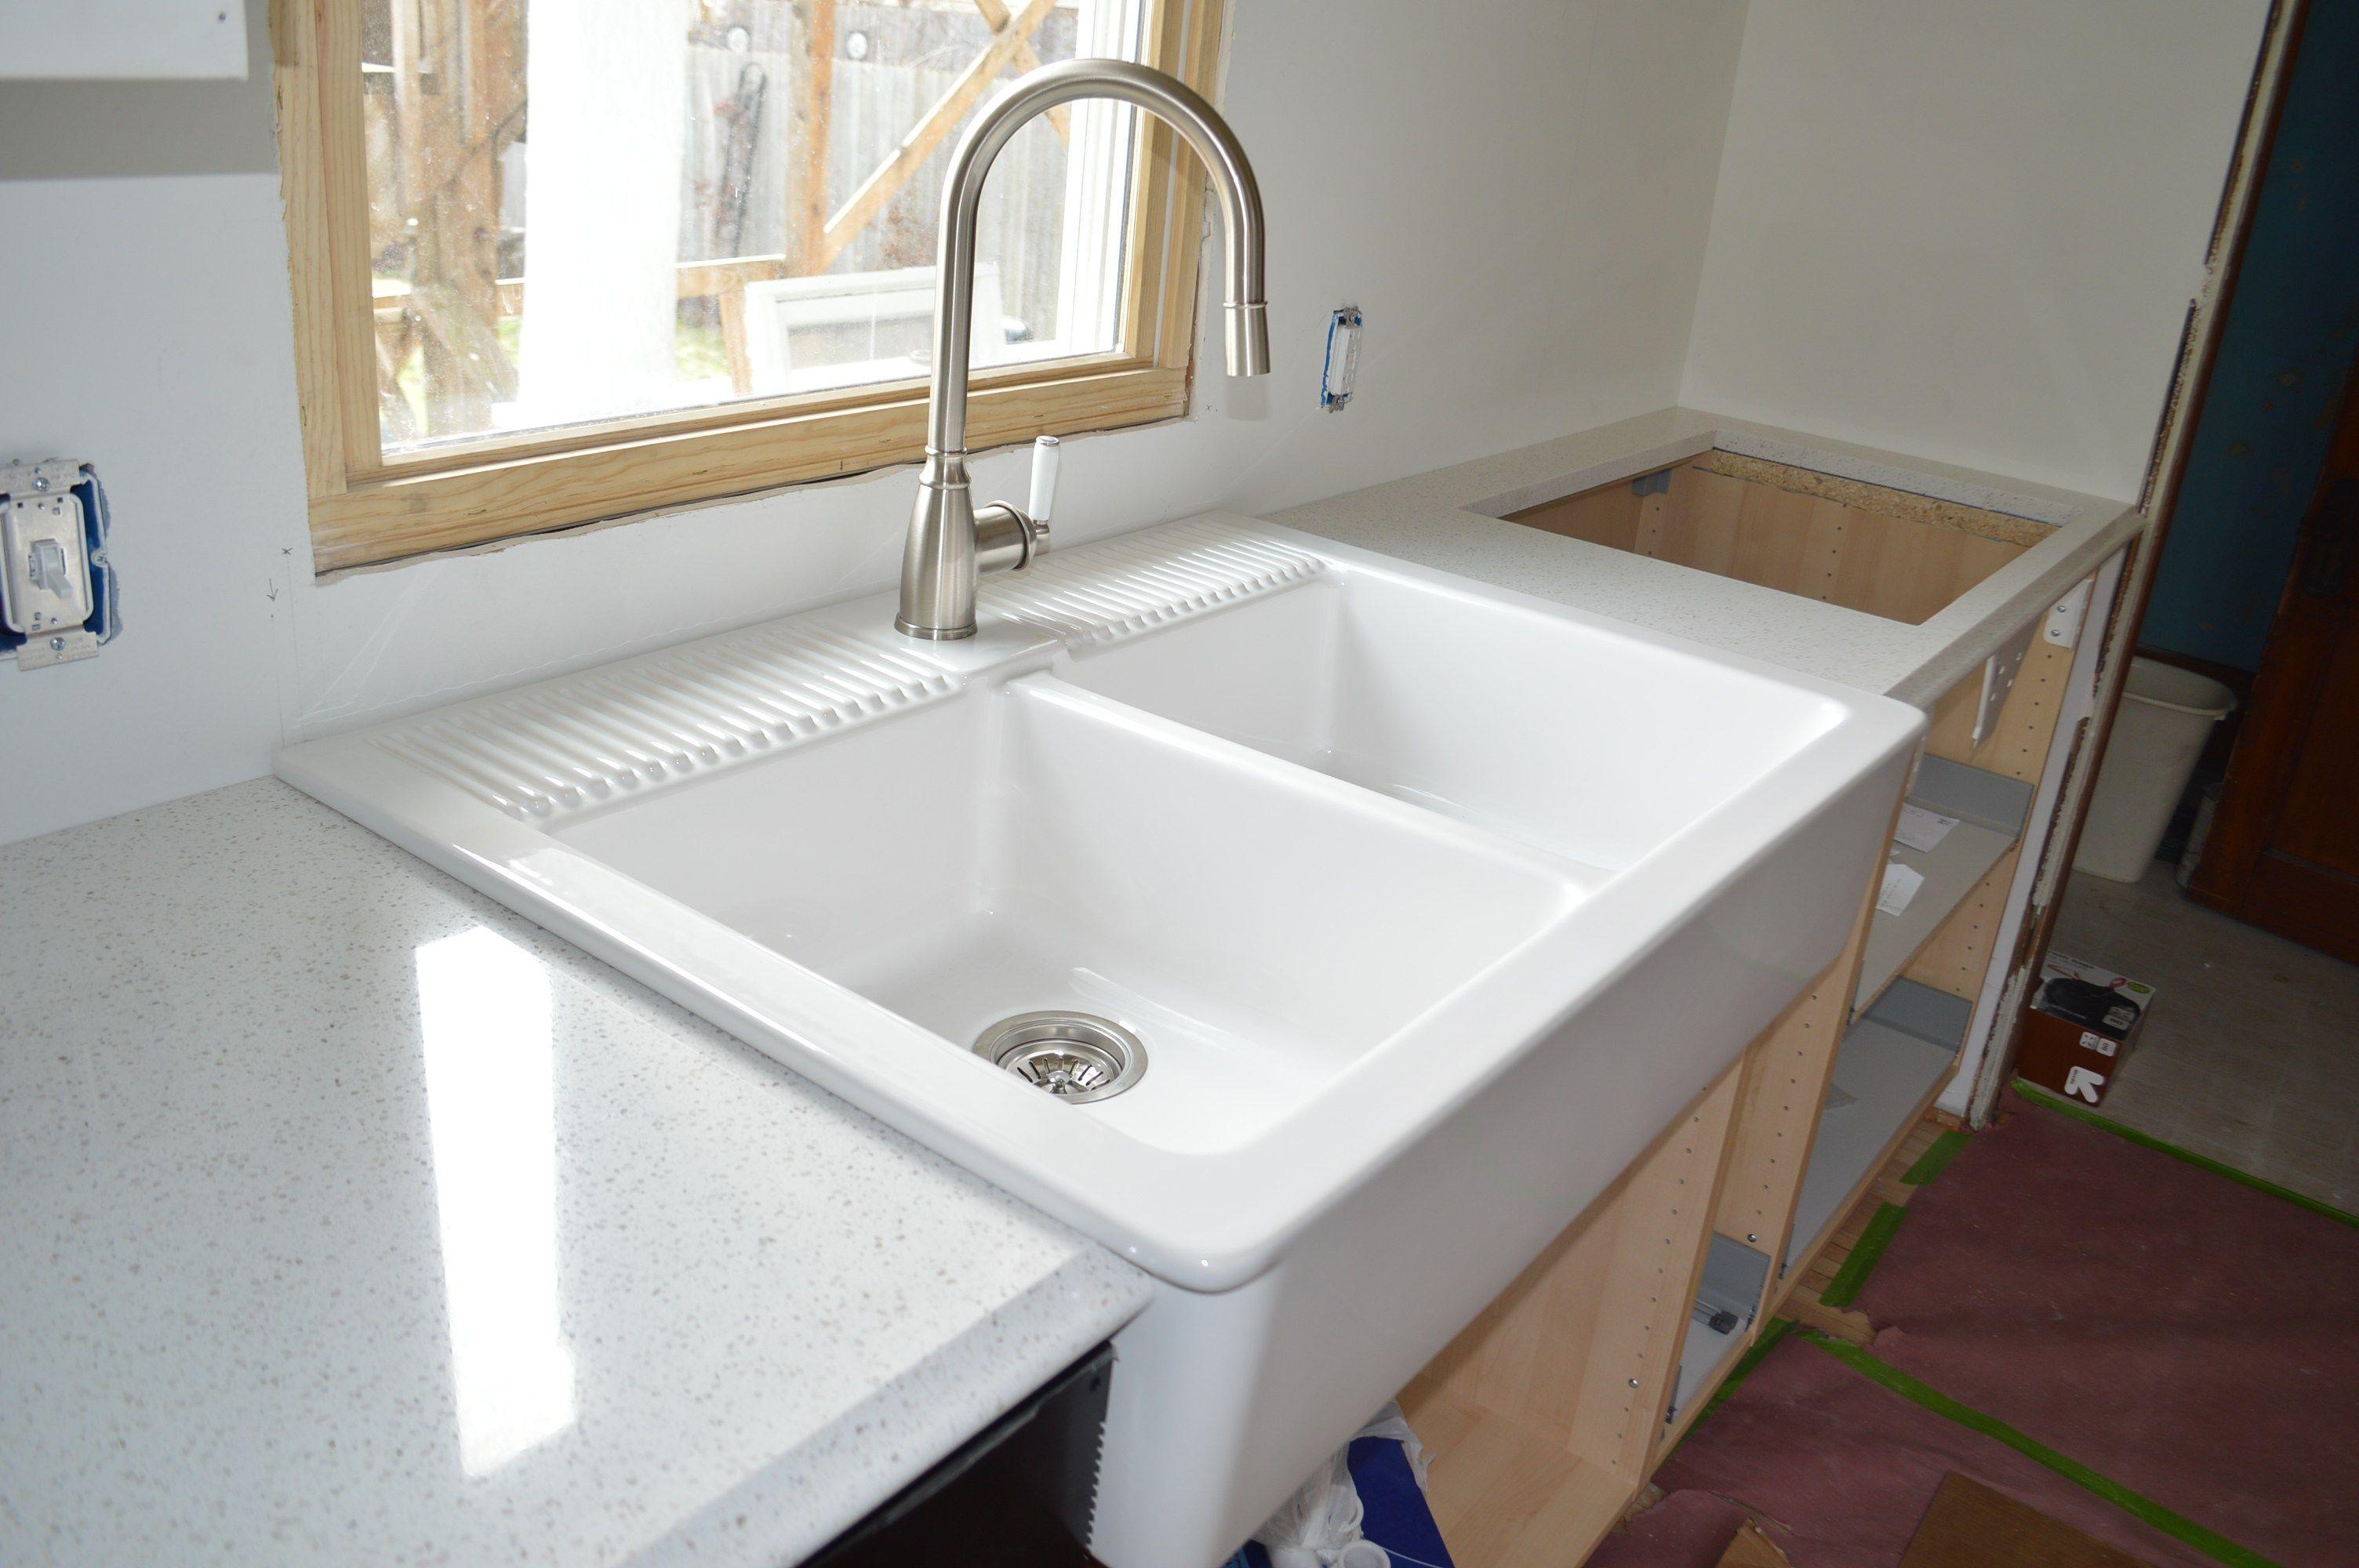 ikea farmhouse sink quartz countertops